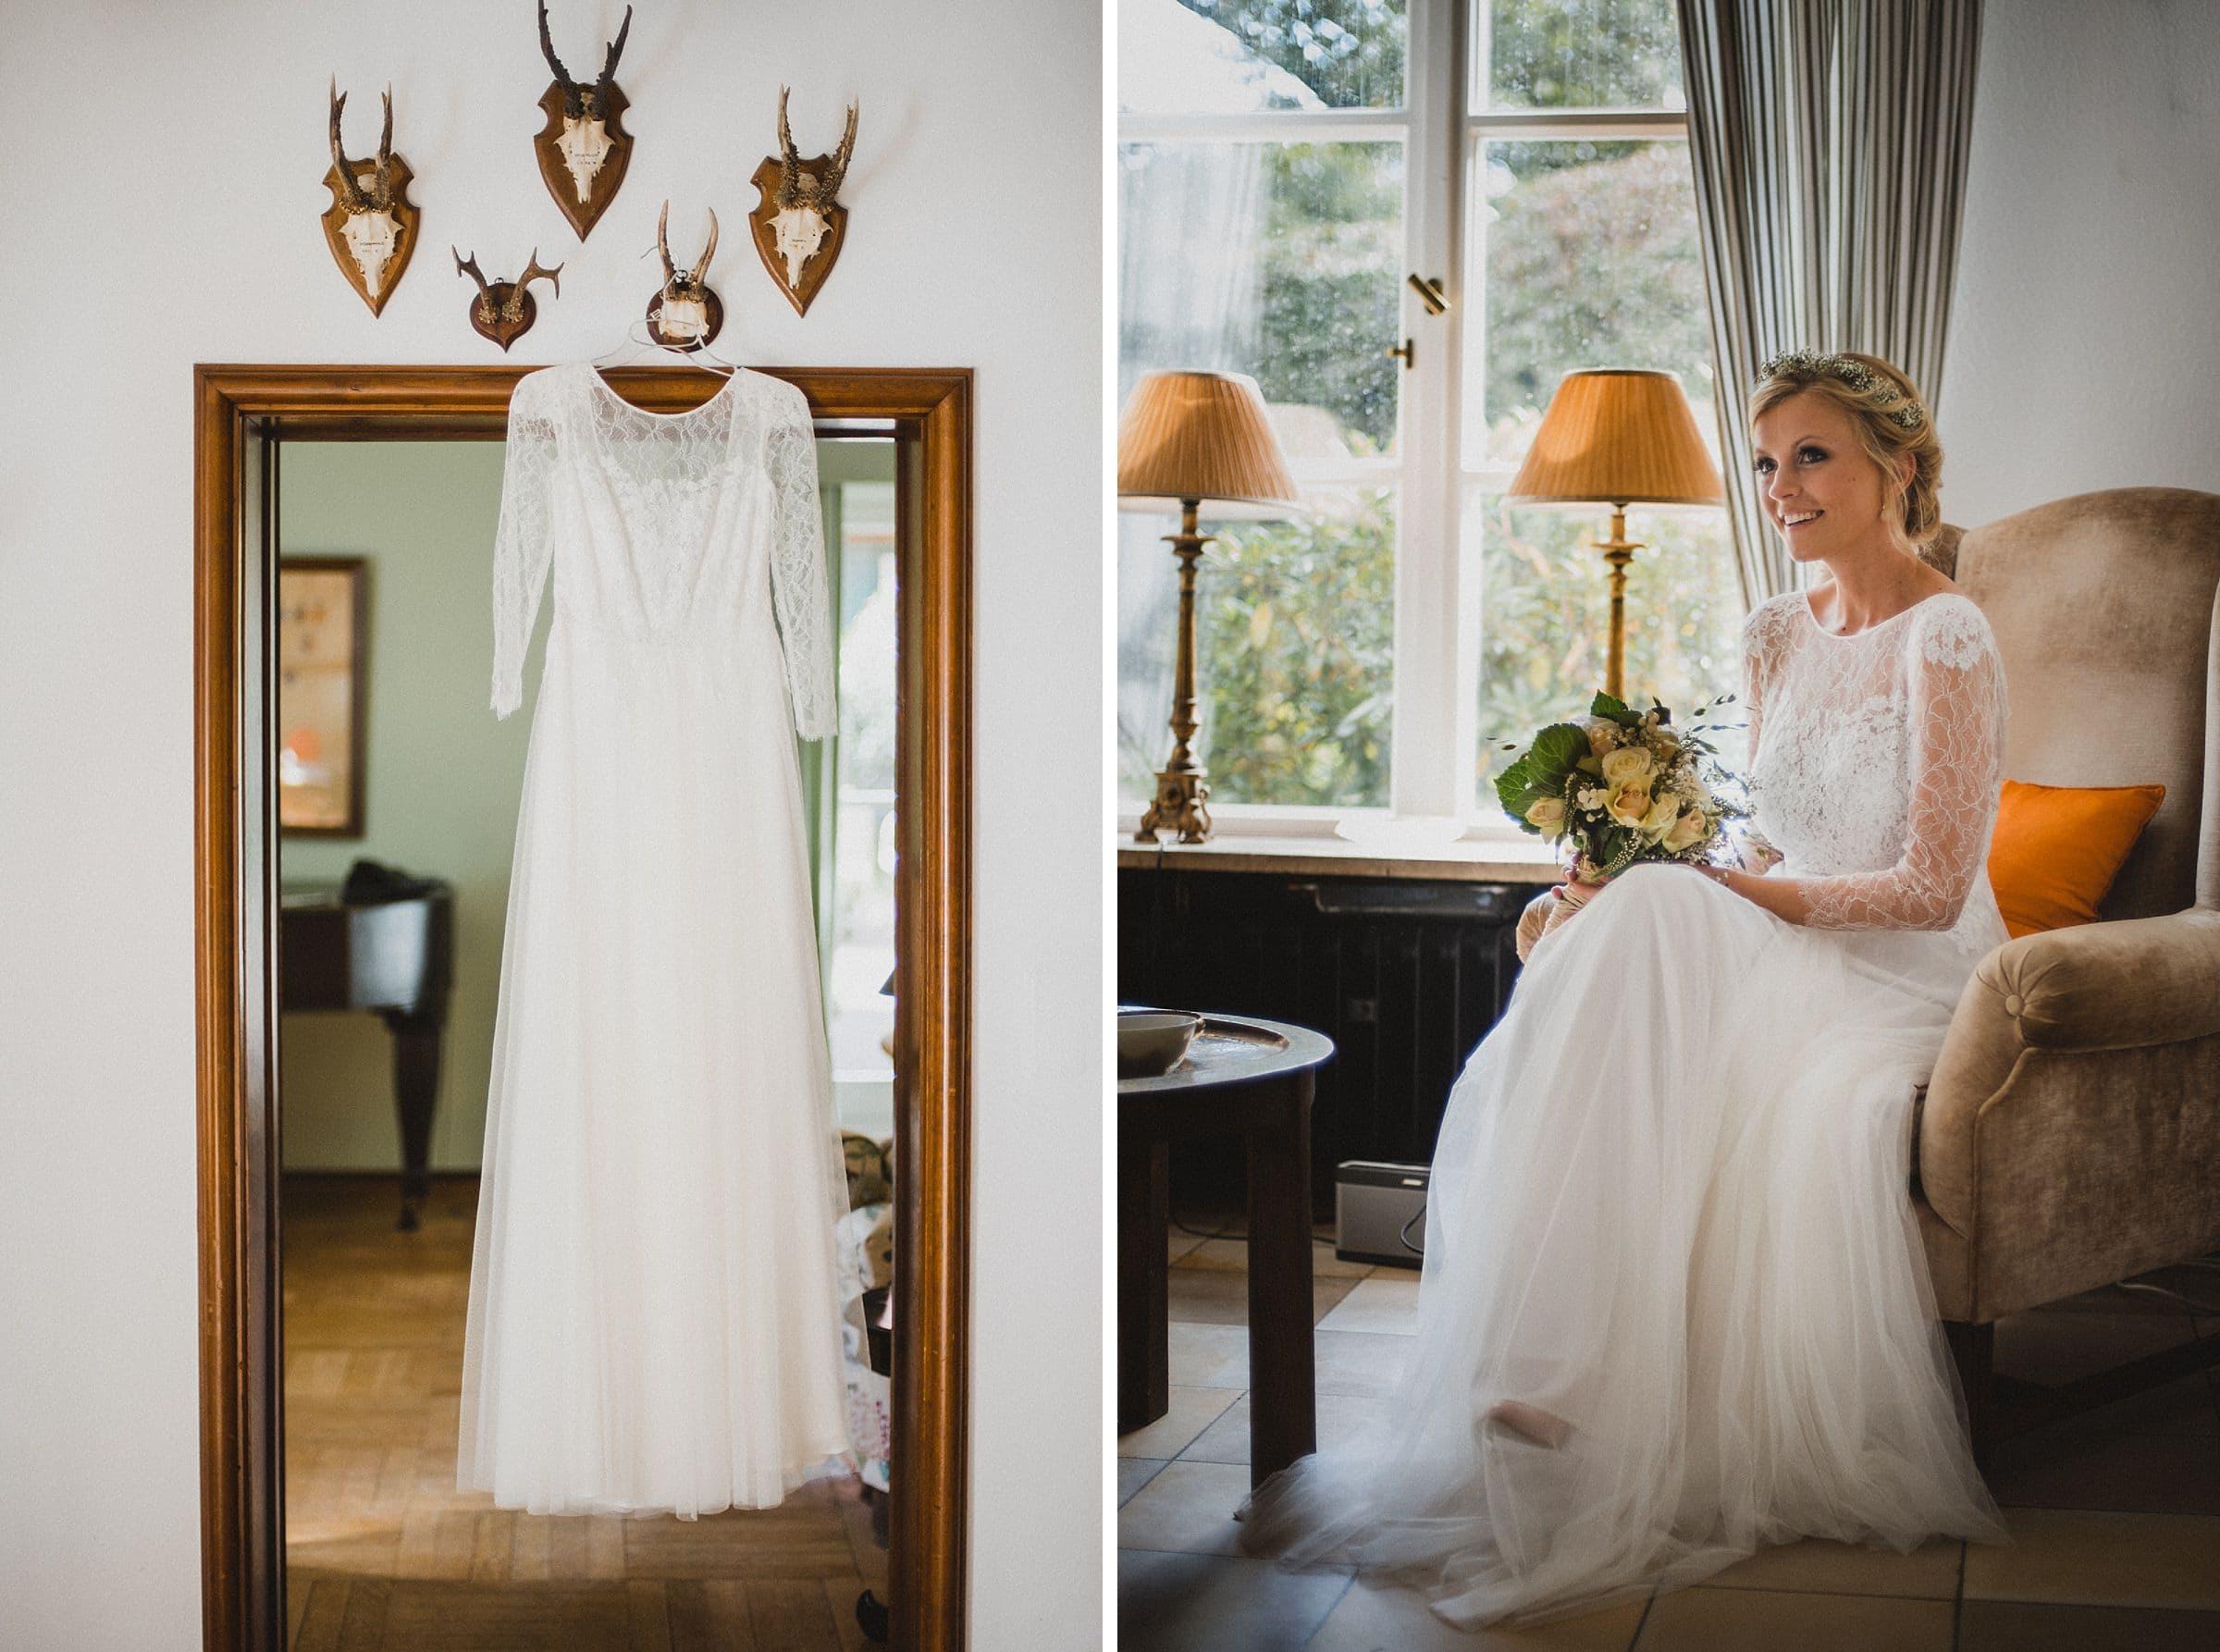 Hochzeitsfotografie Hamburg-Frau-Siemers-Gut Basthorst- Brautkleid hängt am Hirschgeweih